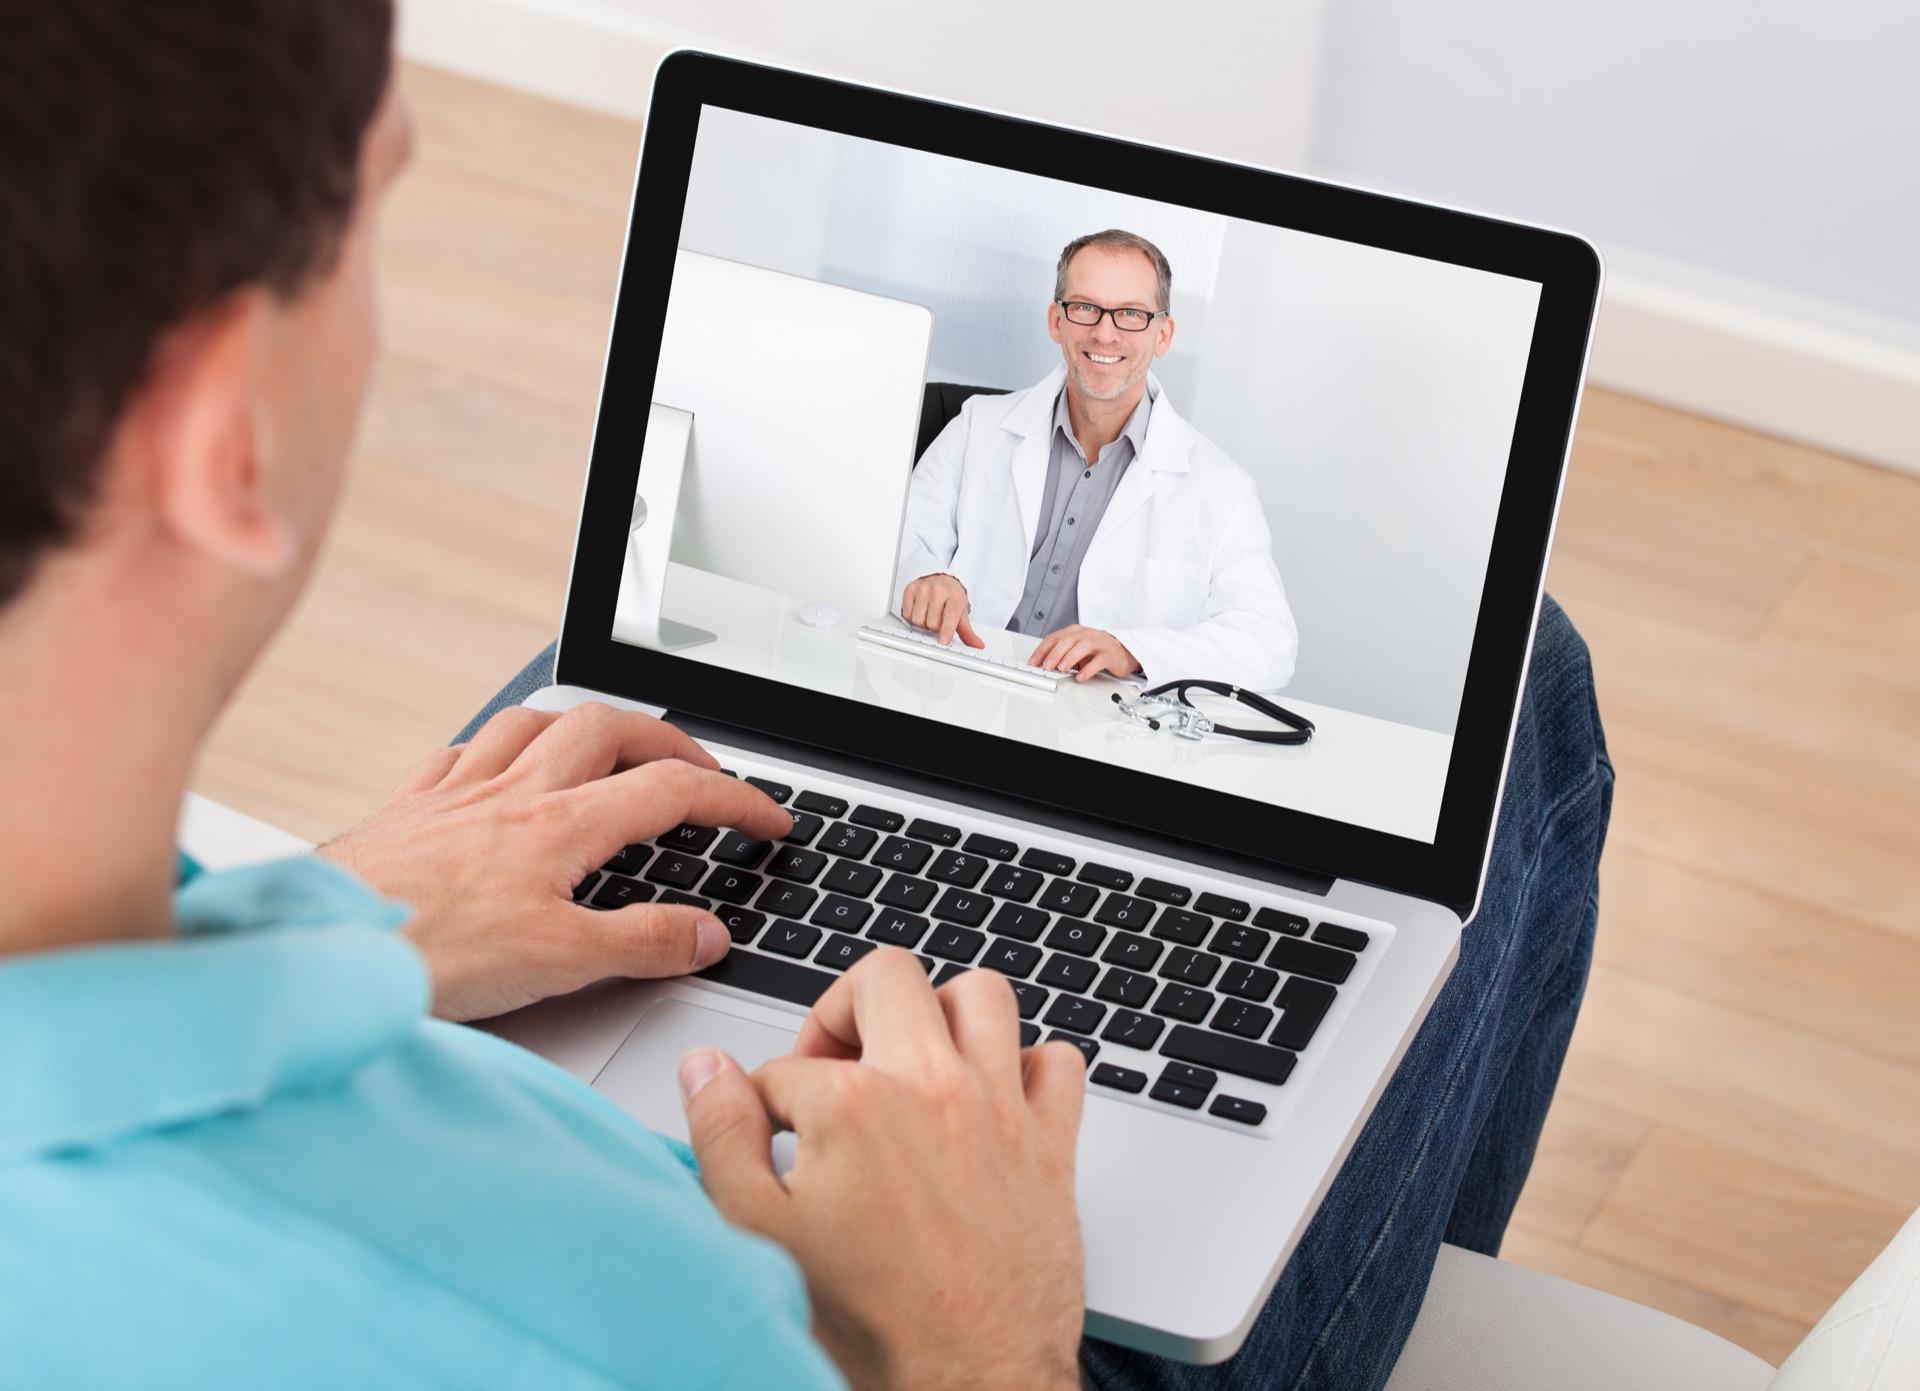 Gesundheit E-Health Telemedizin